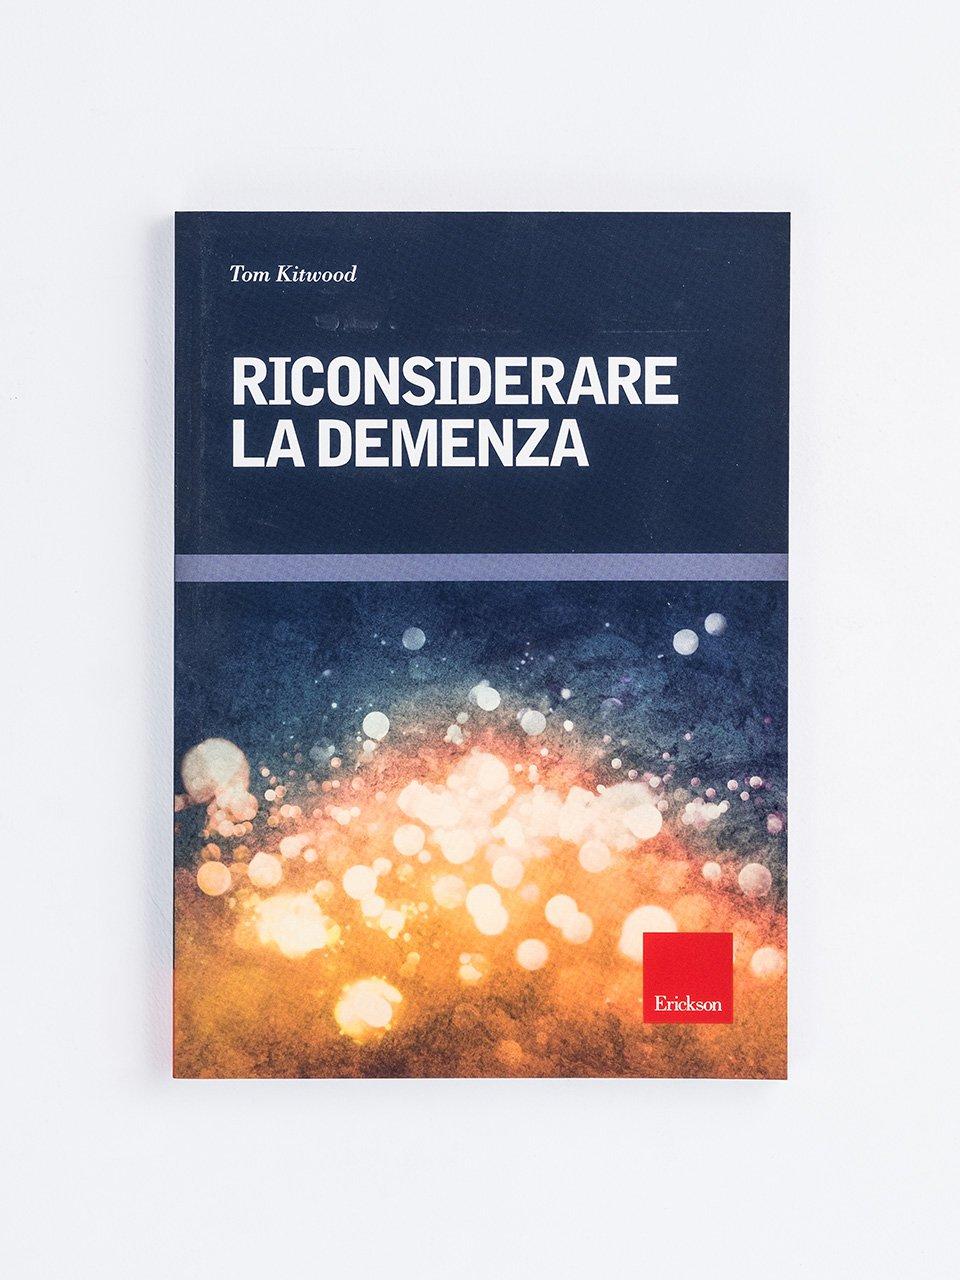 Riconsiderare la demenza - La riabilitazione nella demenza grave - Libri - Erickson